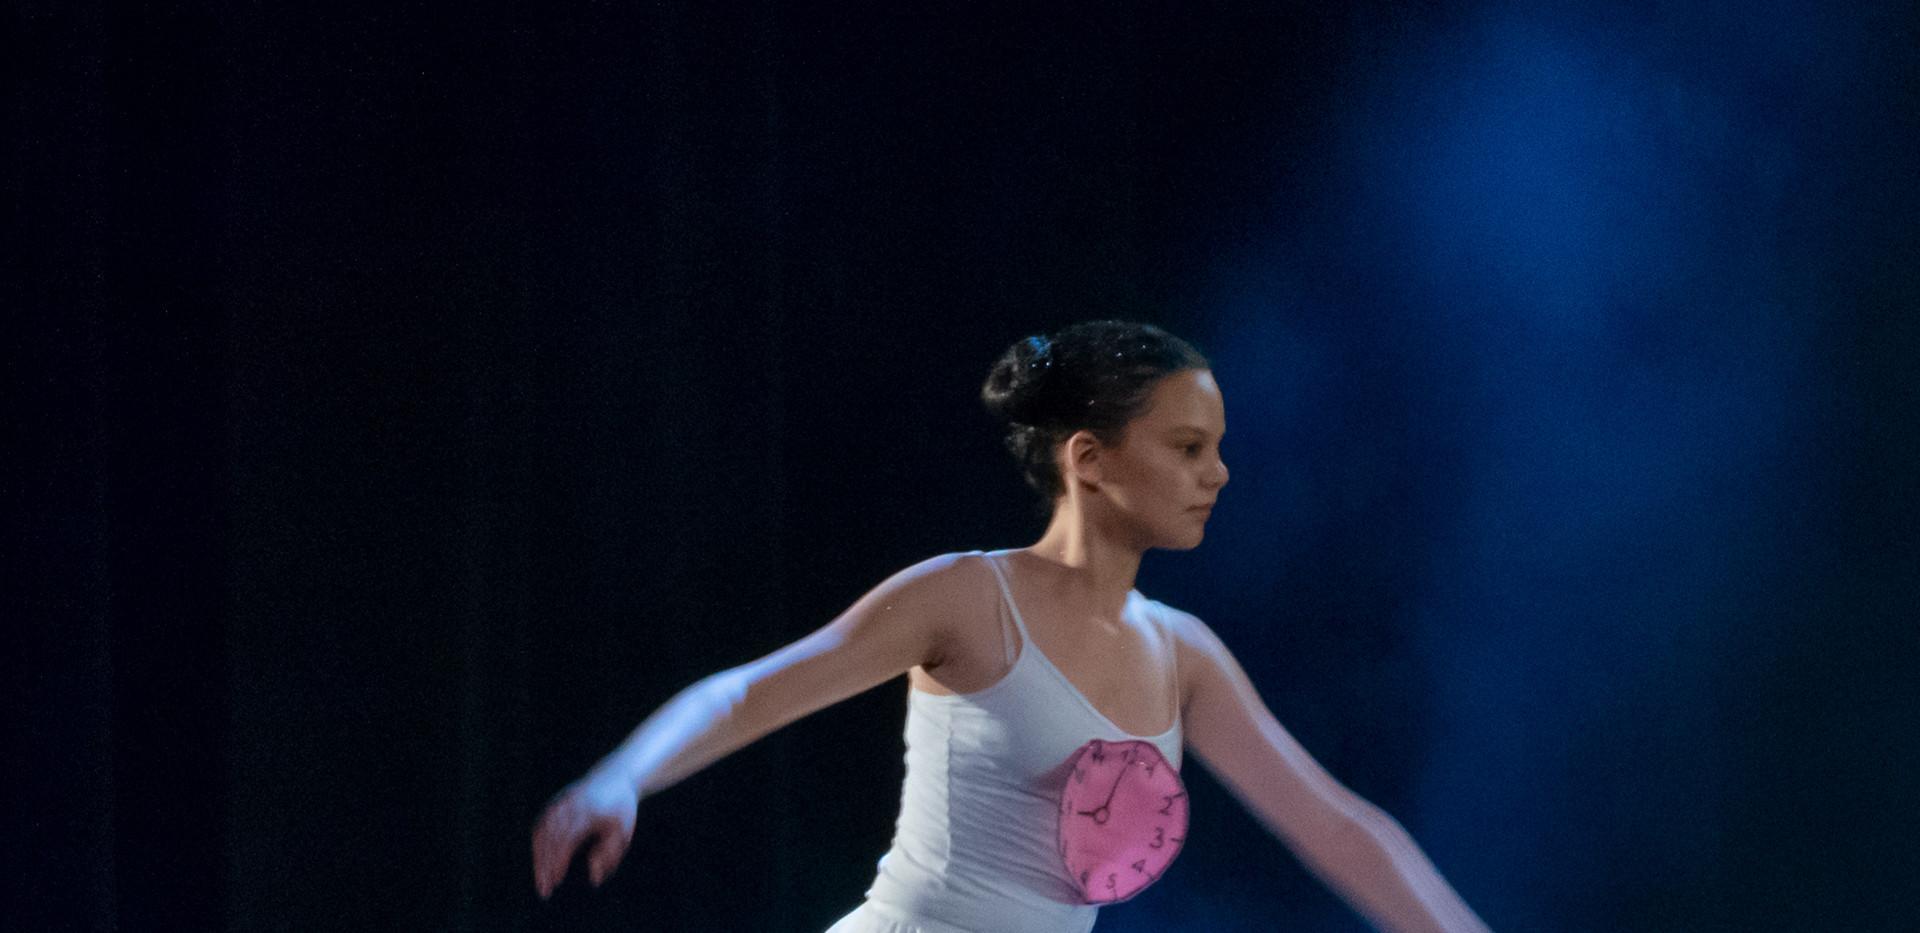 Gala_de_danse-26.jpg